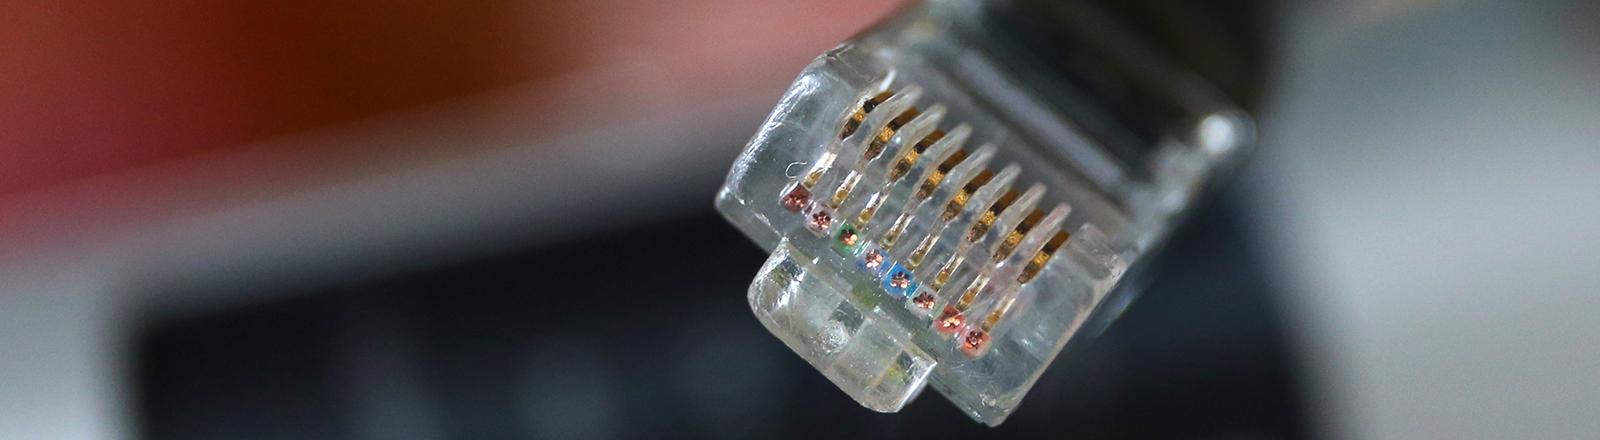 DSL-Kabel